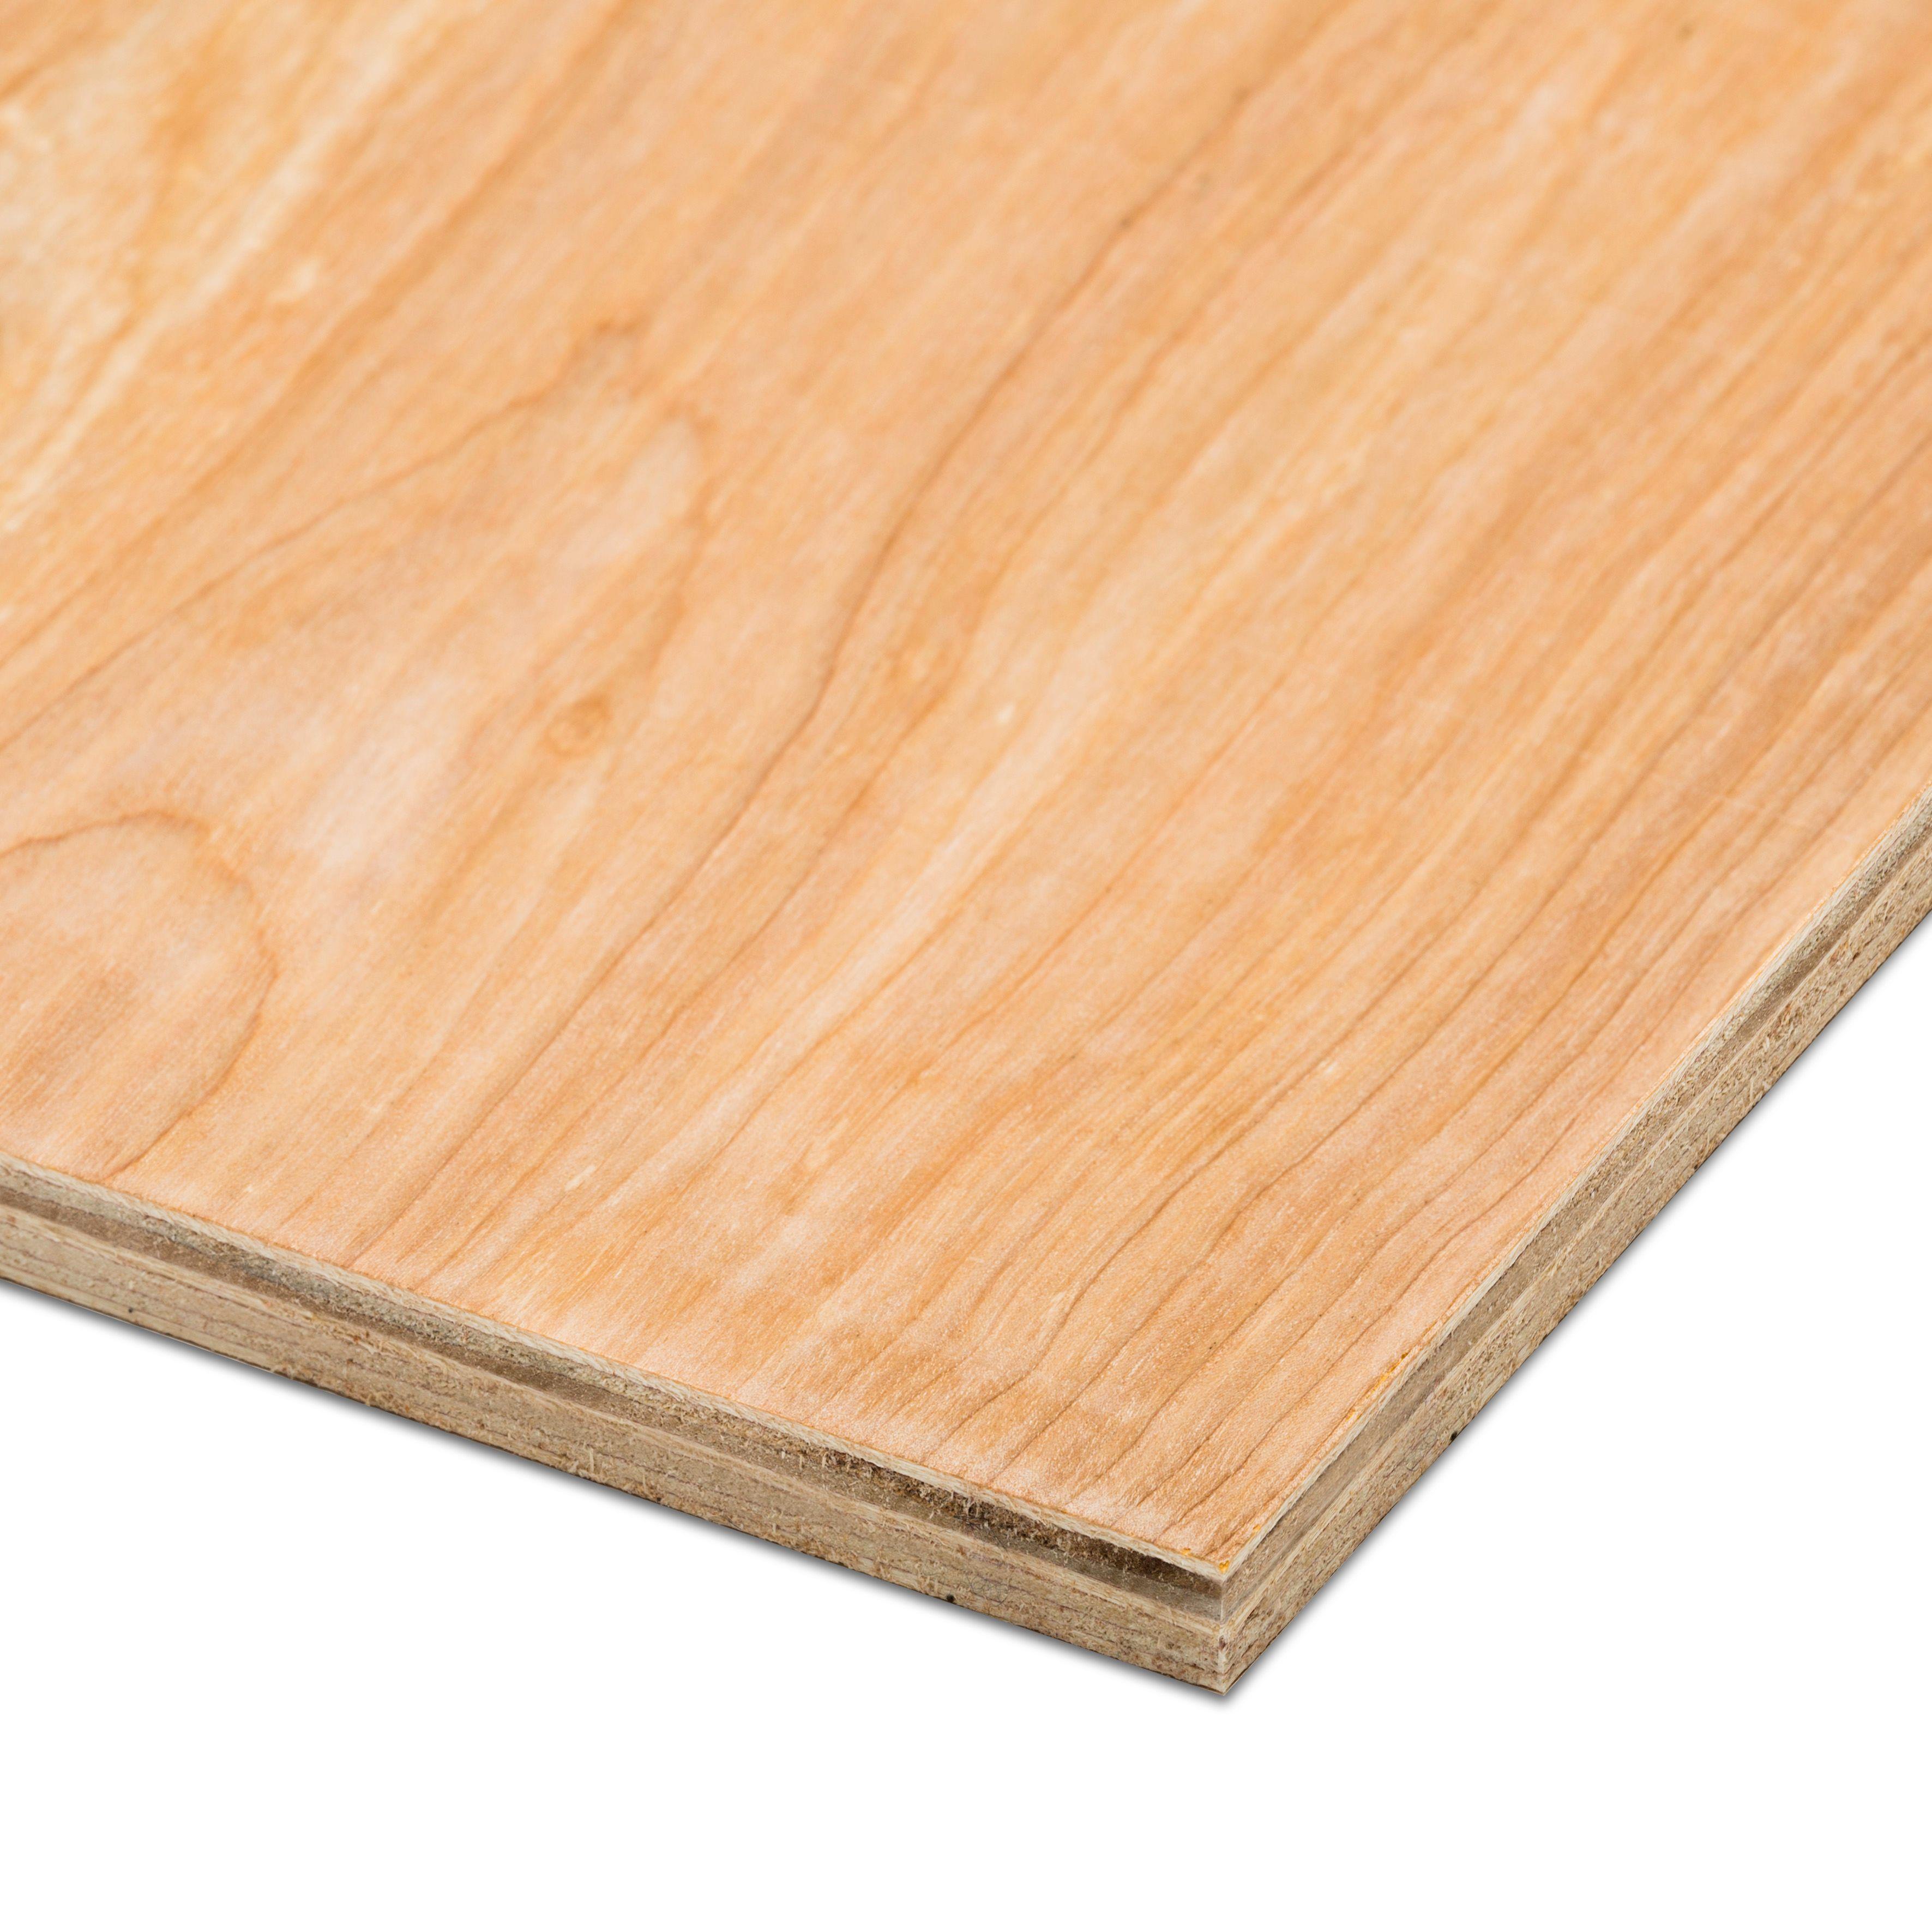 Hardwood plywood th mm w l